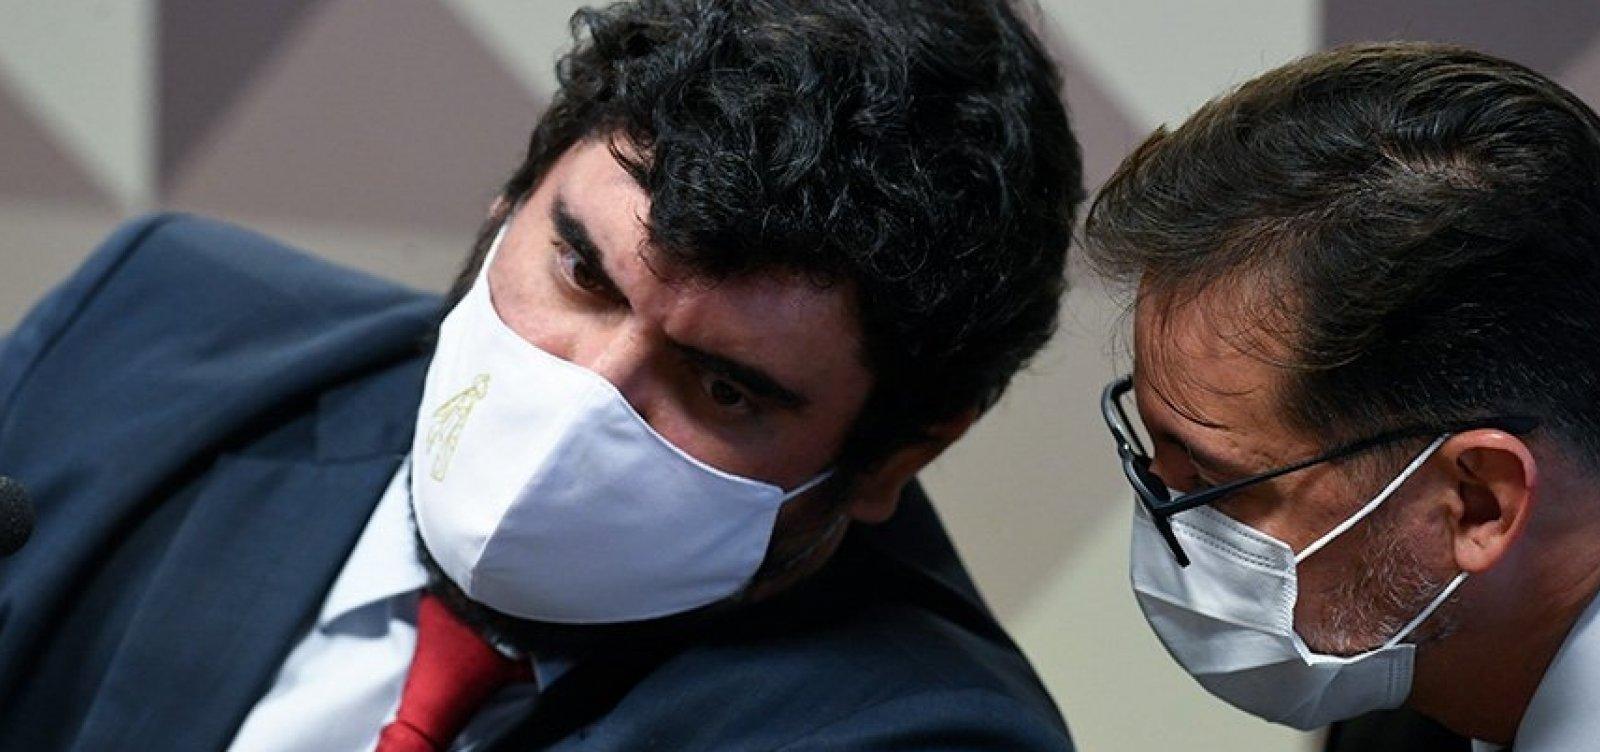 Lobista reconhece negócios com advogada de Bolsonaro após ser ameaçado de prisão na CPI